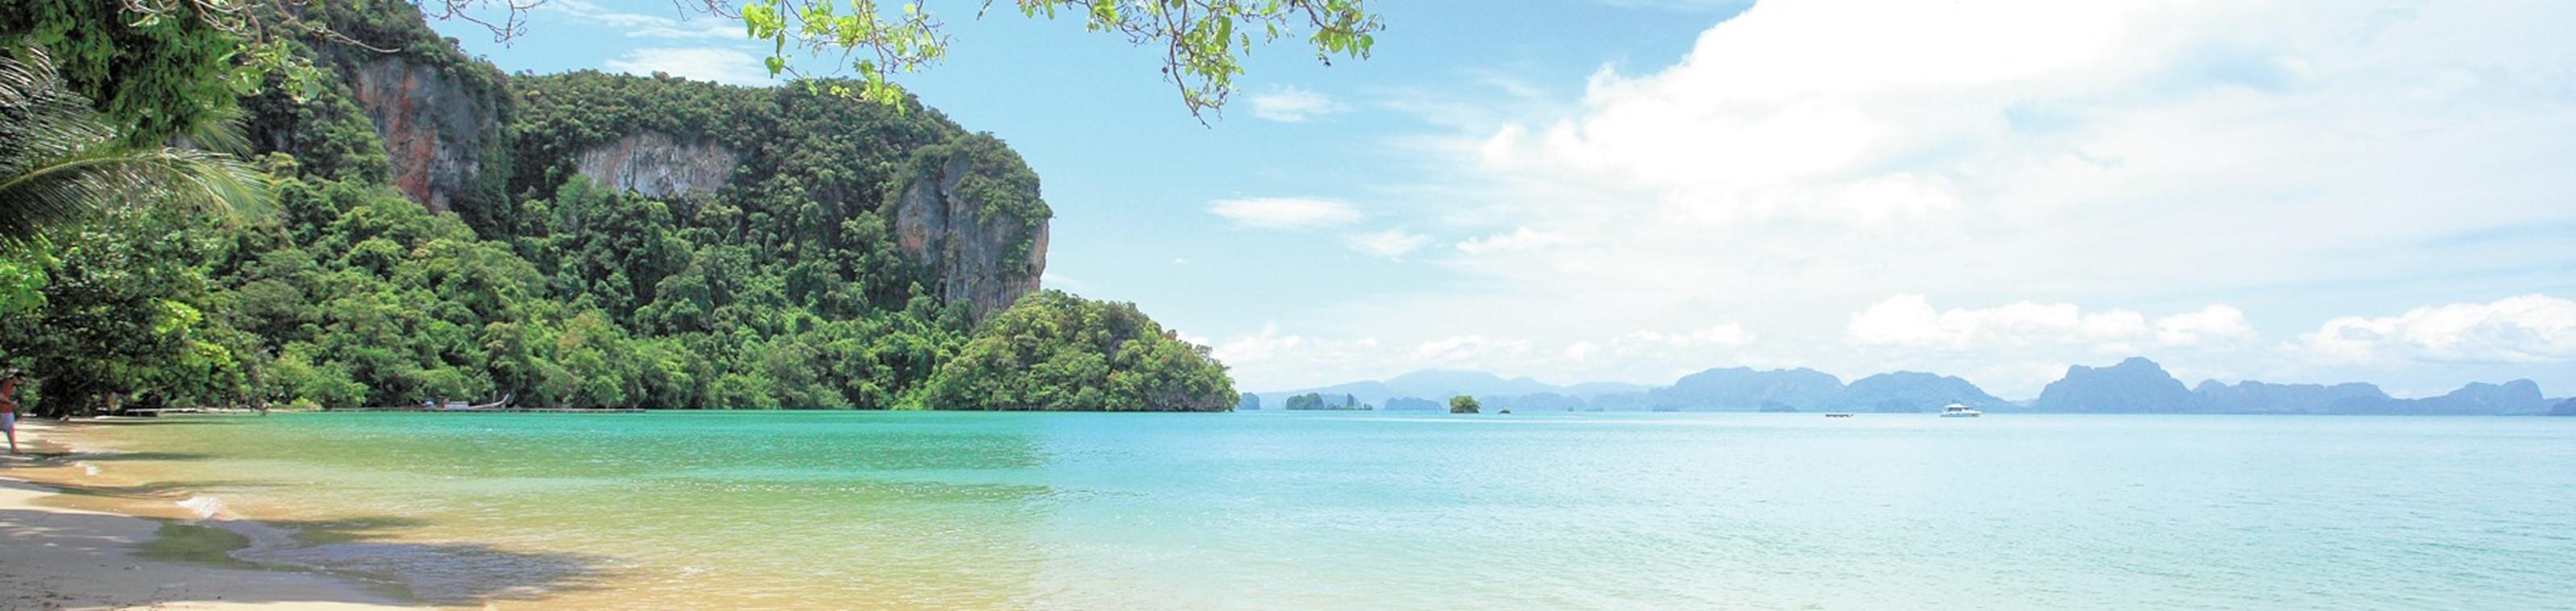 Eilandhoppen Zuid-Thailand